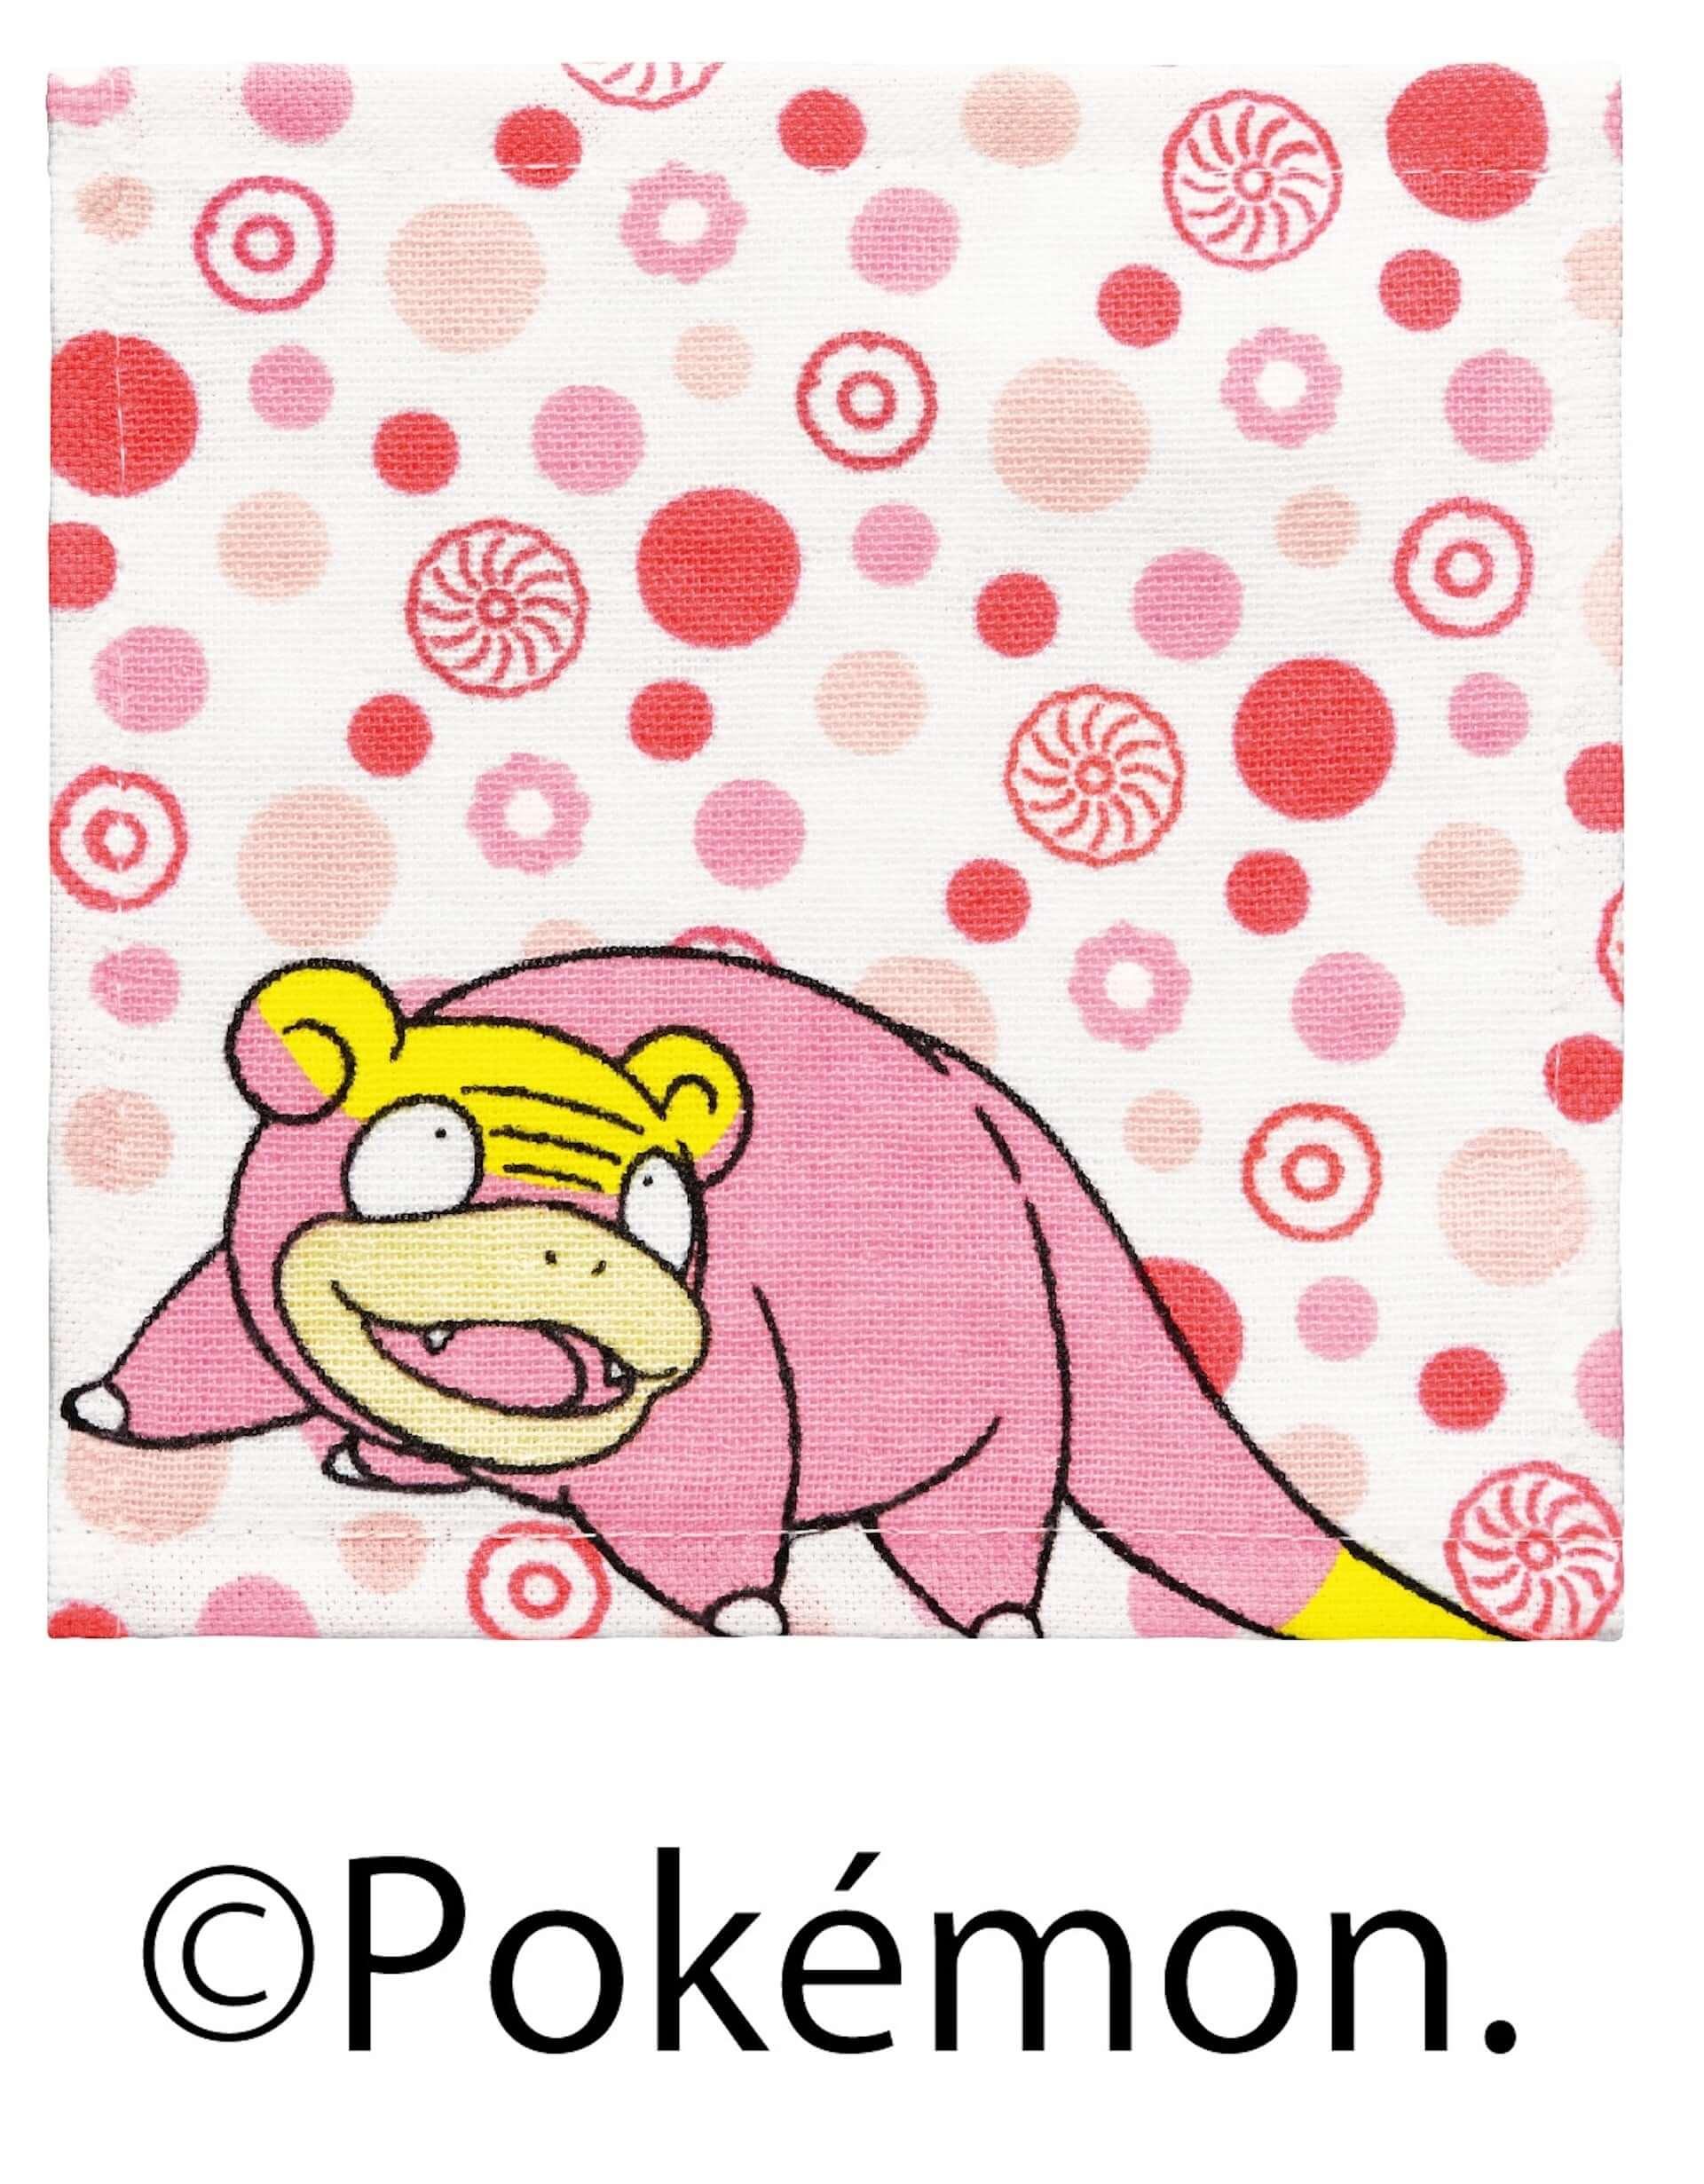 ミスタードーナツの『ポケモン キッズセット』に数量限定の新グッズ・タオルハンカチが登場!デザインはピカチュウ、ラビフットなど4種展開 art201216_misterdonut-pokemon_3-1920x2461